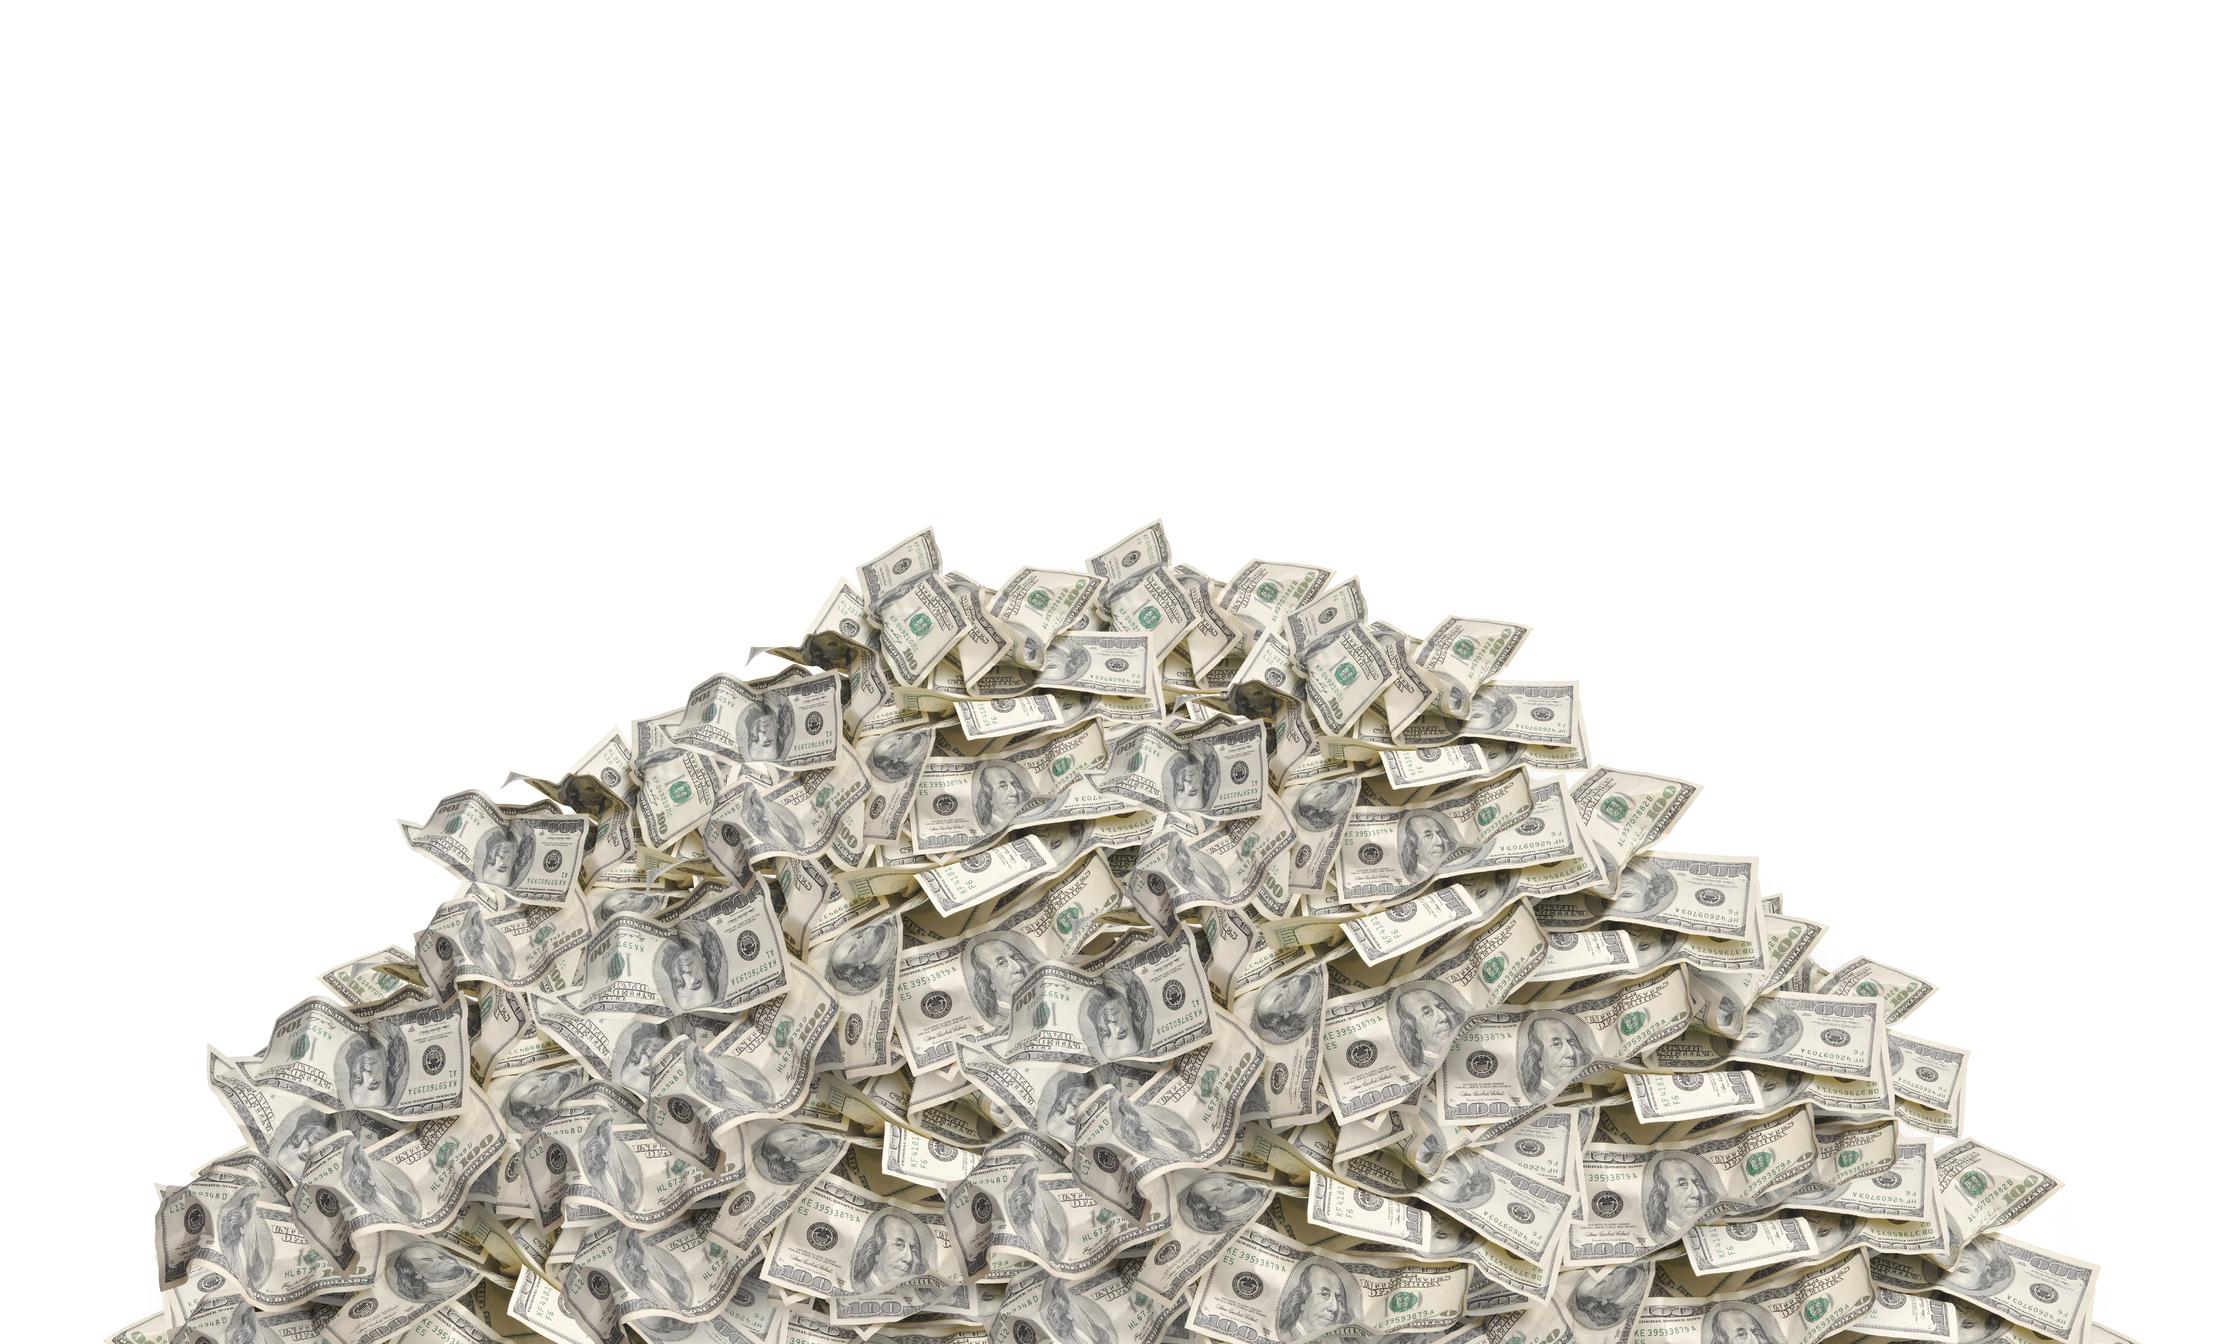 A pile of cash.